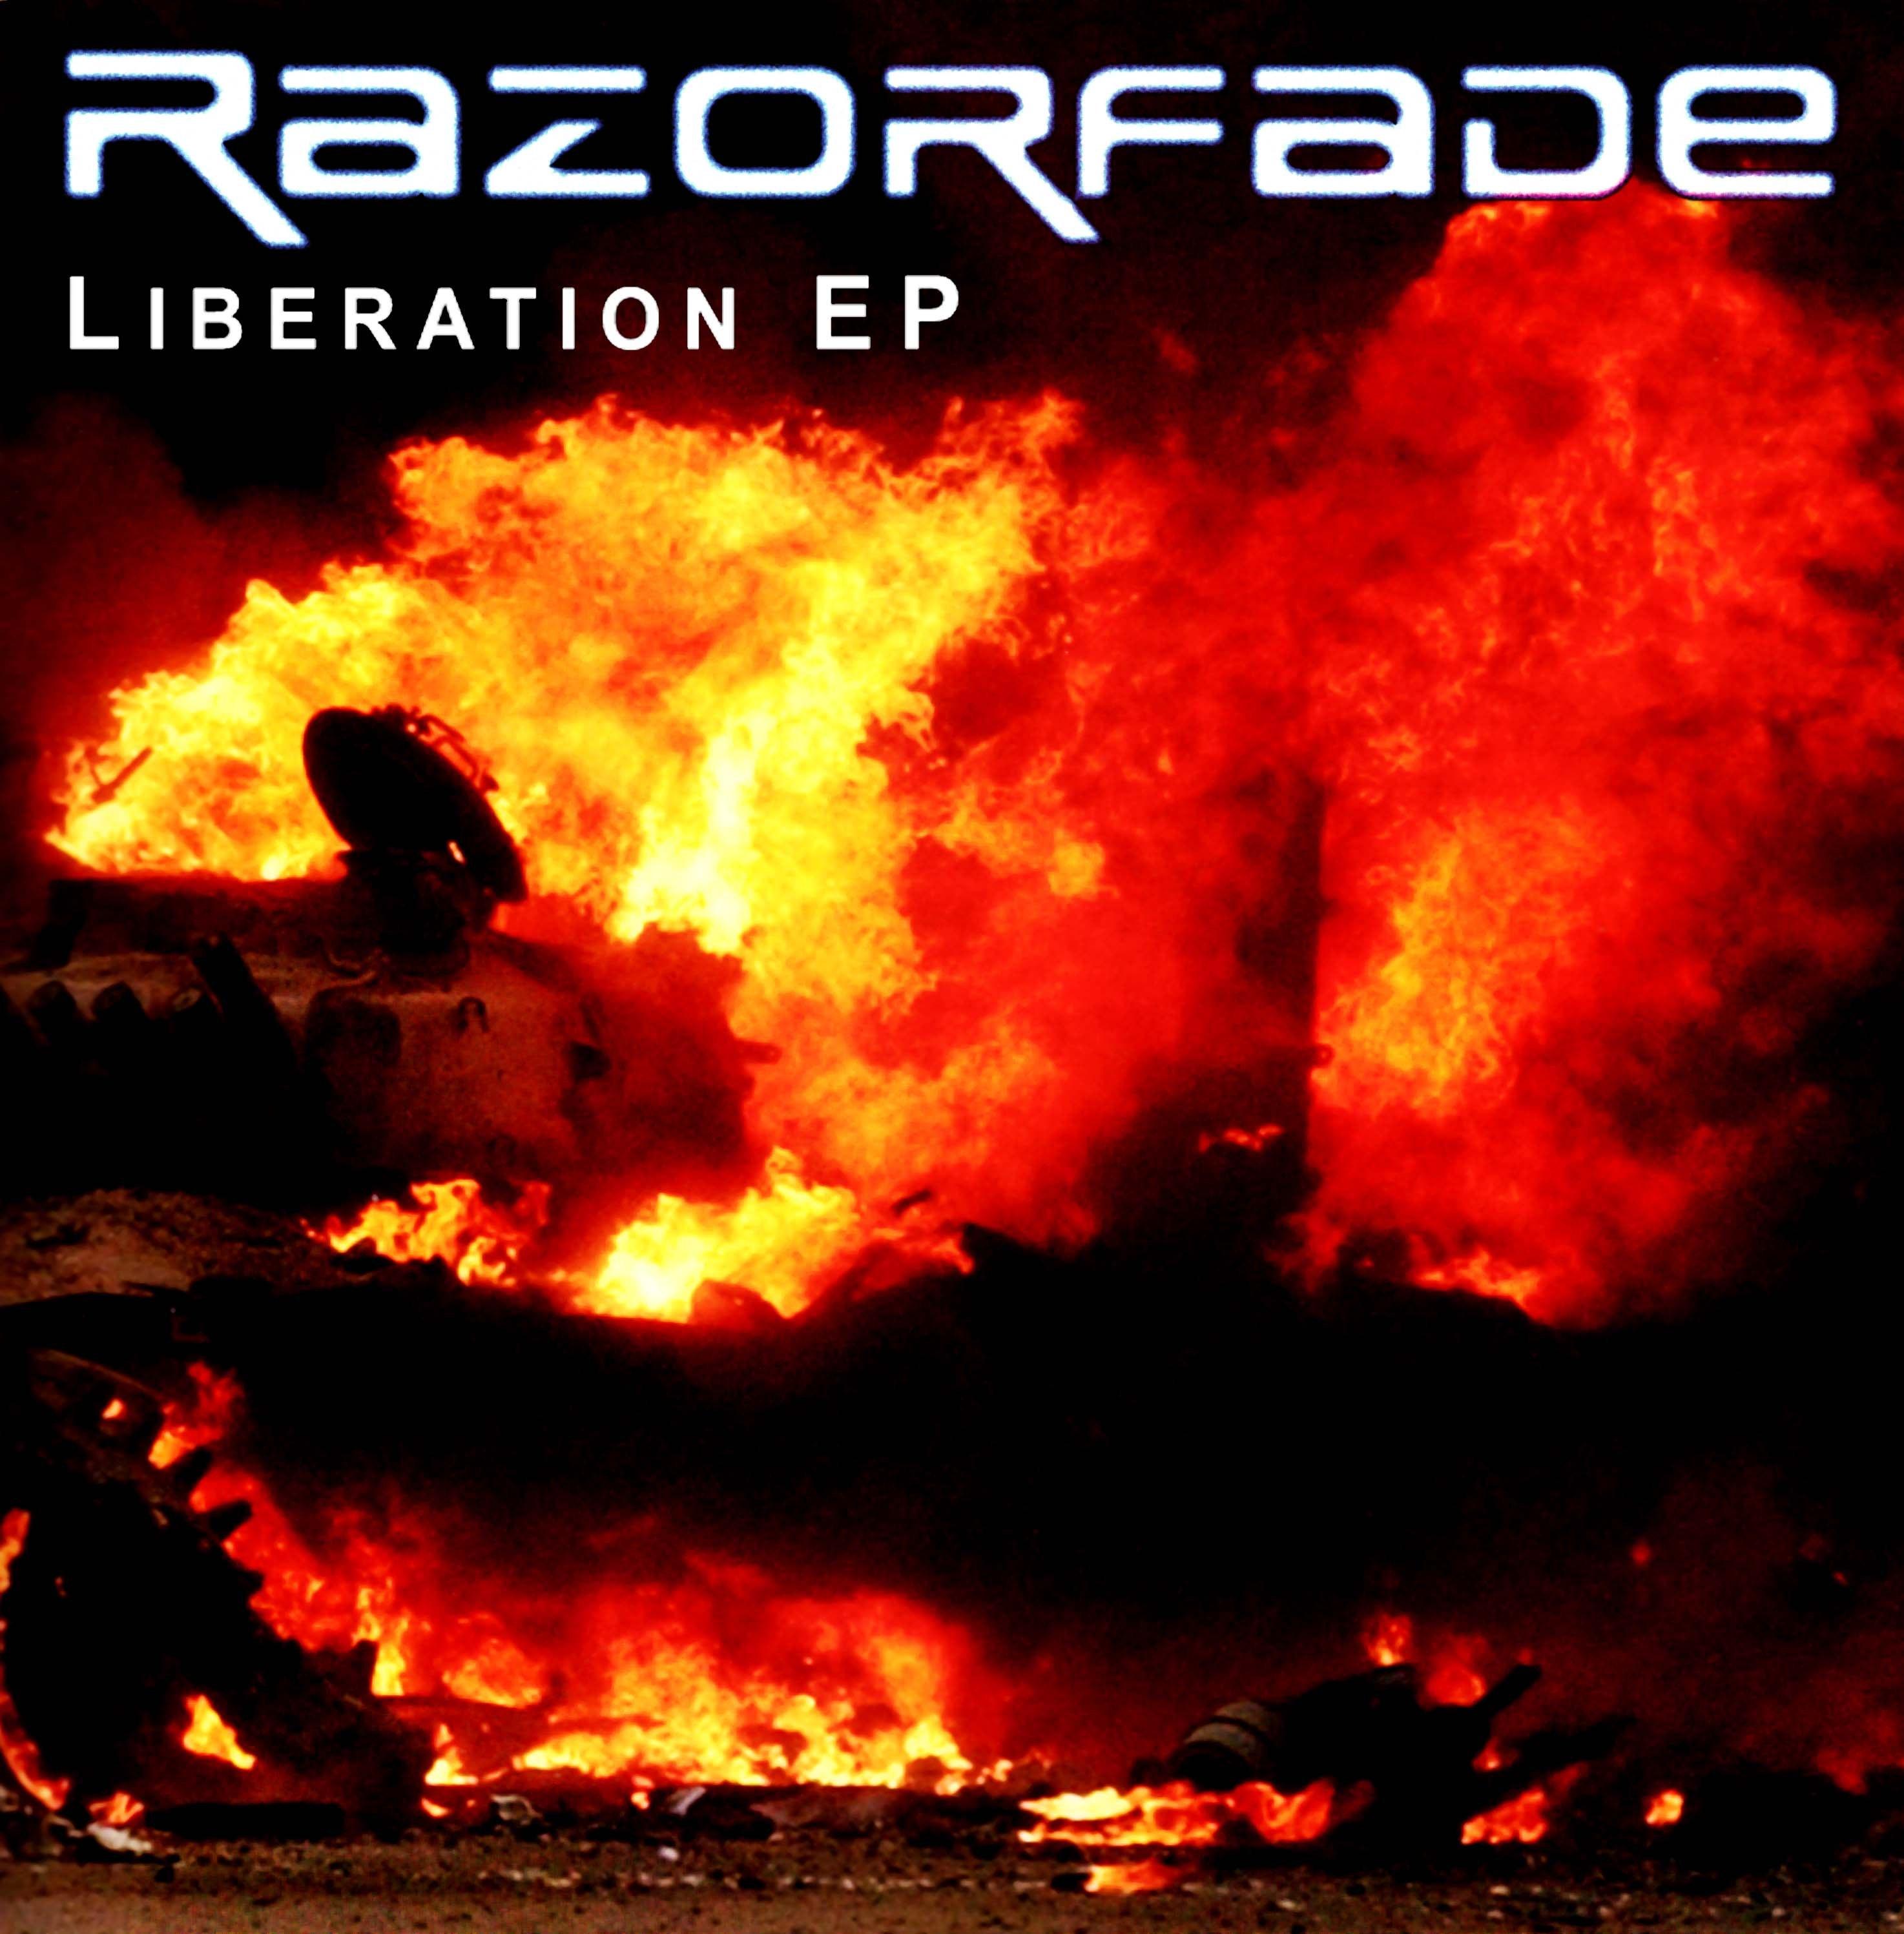 Razorfade_Liberation_EP_2